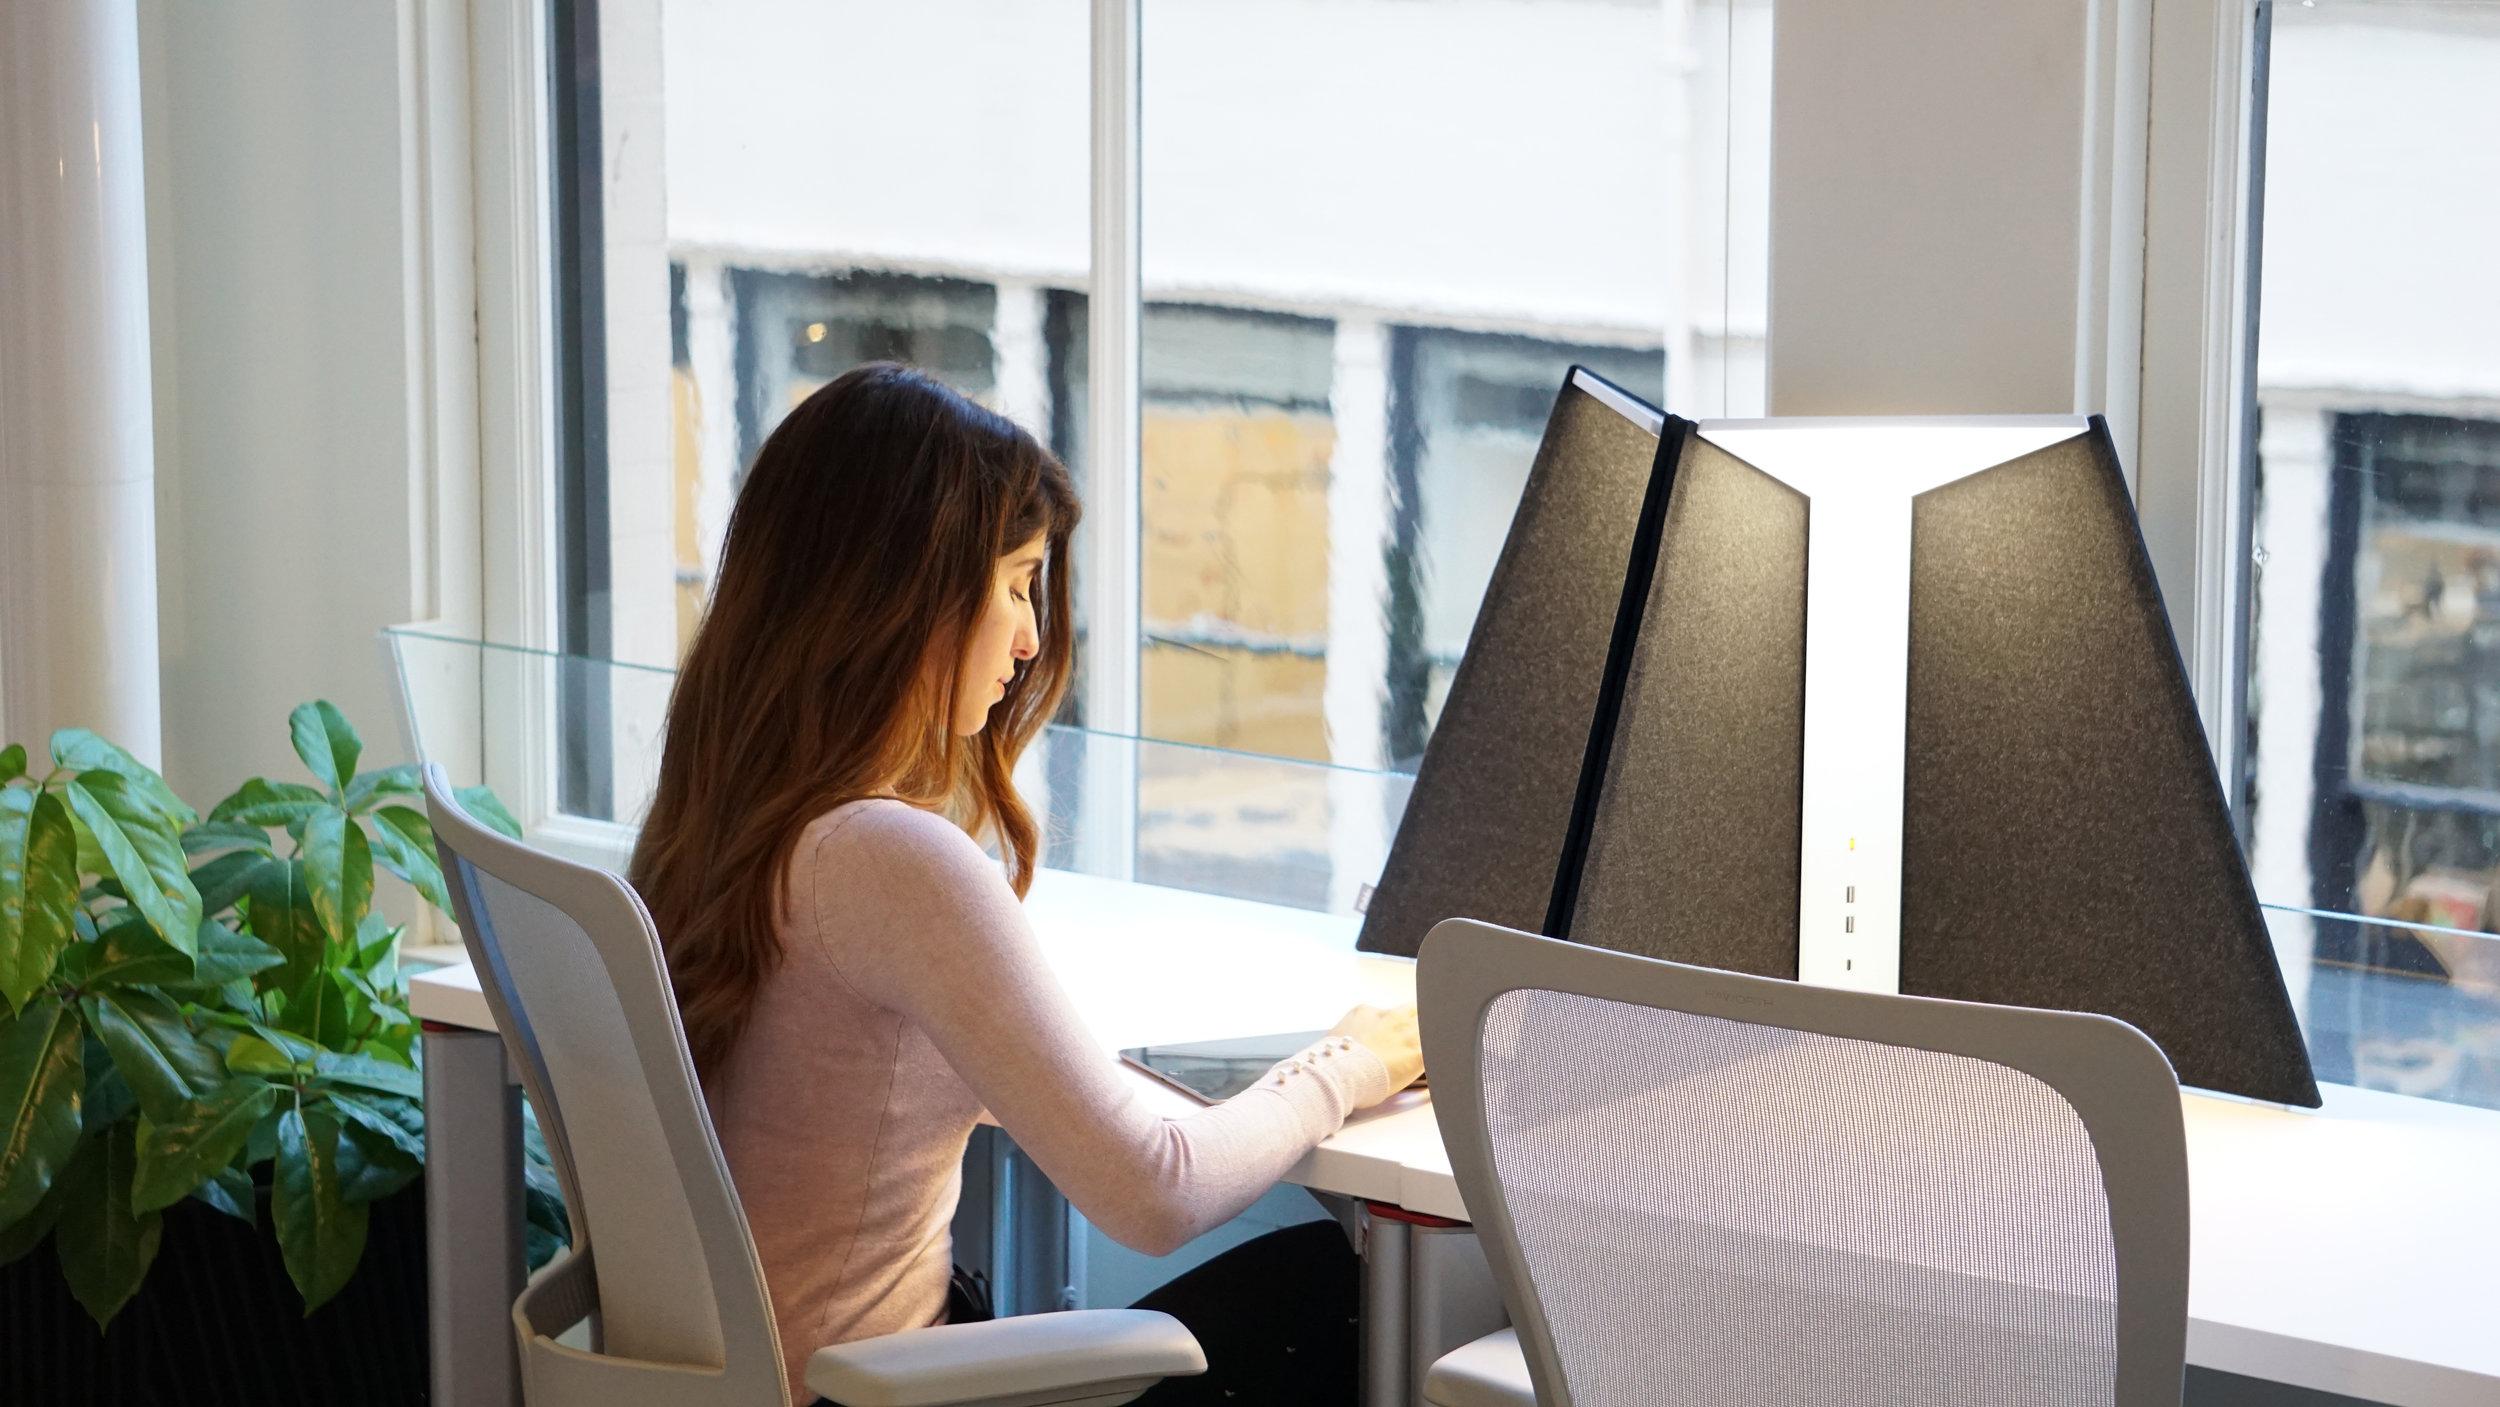 Corner Office 15 Window Side.jpg